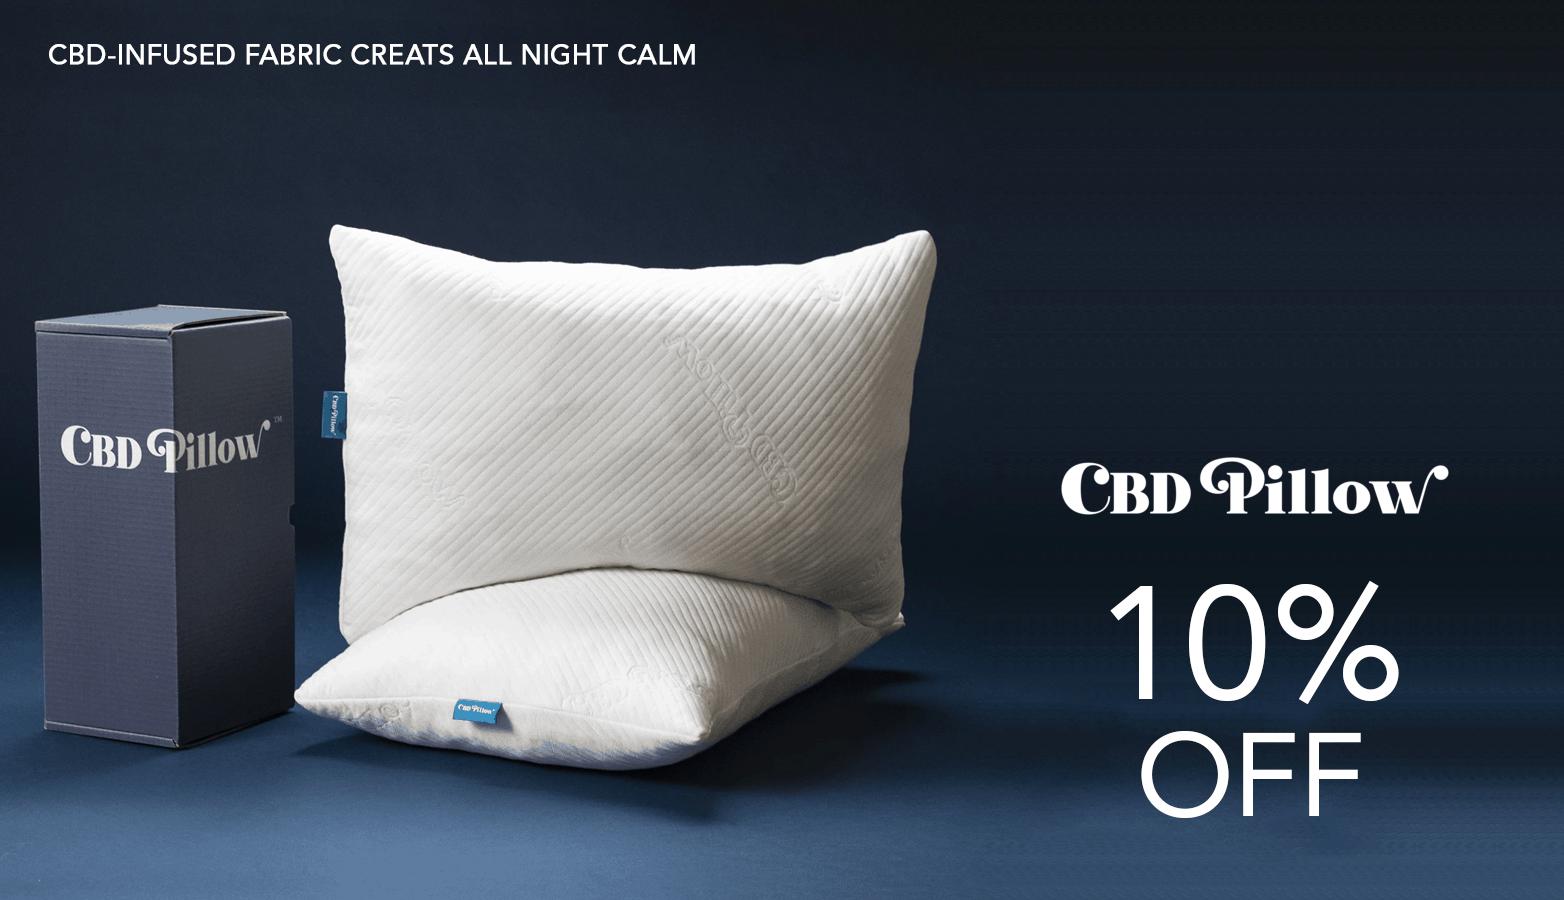 CBD Pillow Coupon Code 10 Percent Off Website